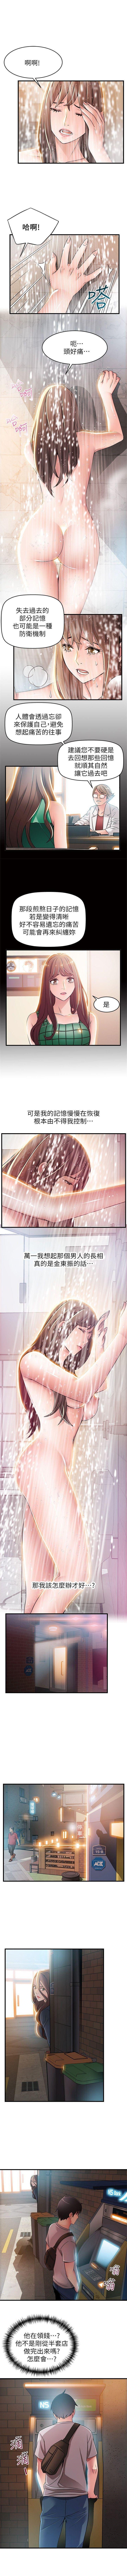 (周7)弱点 1-66 中文翻译(更新中) 191